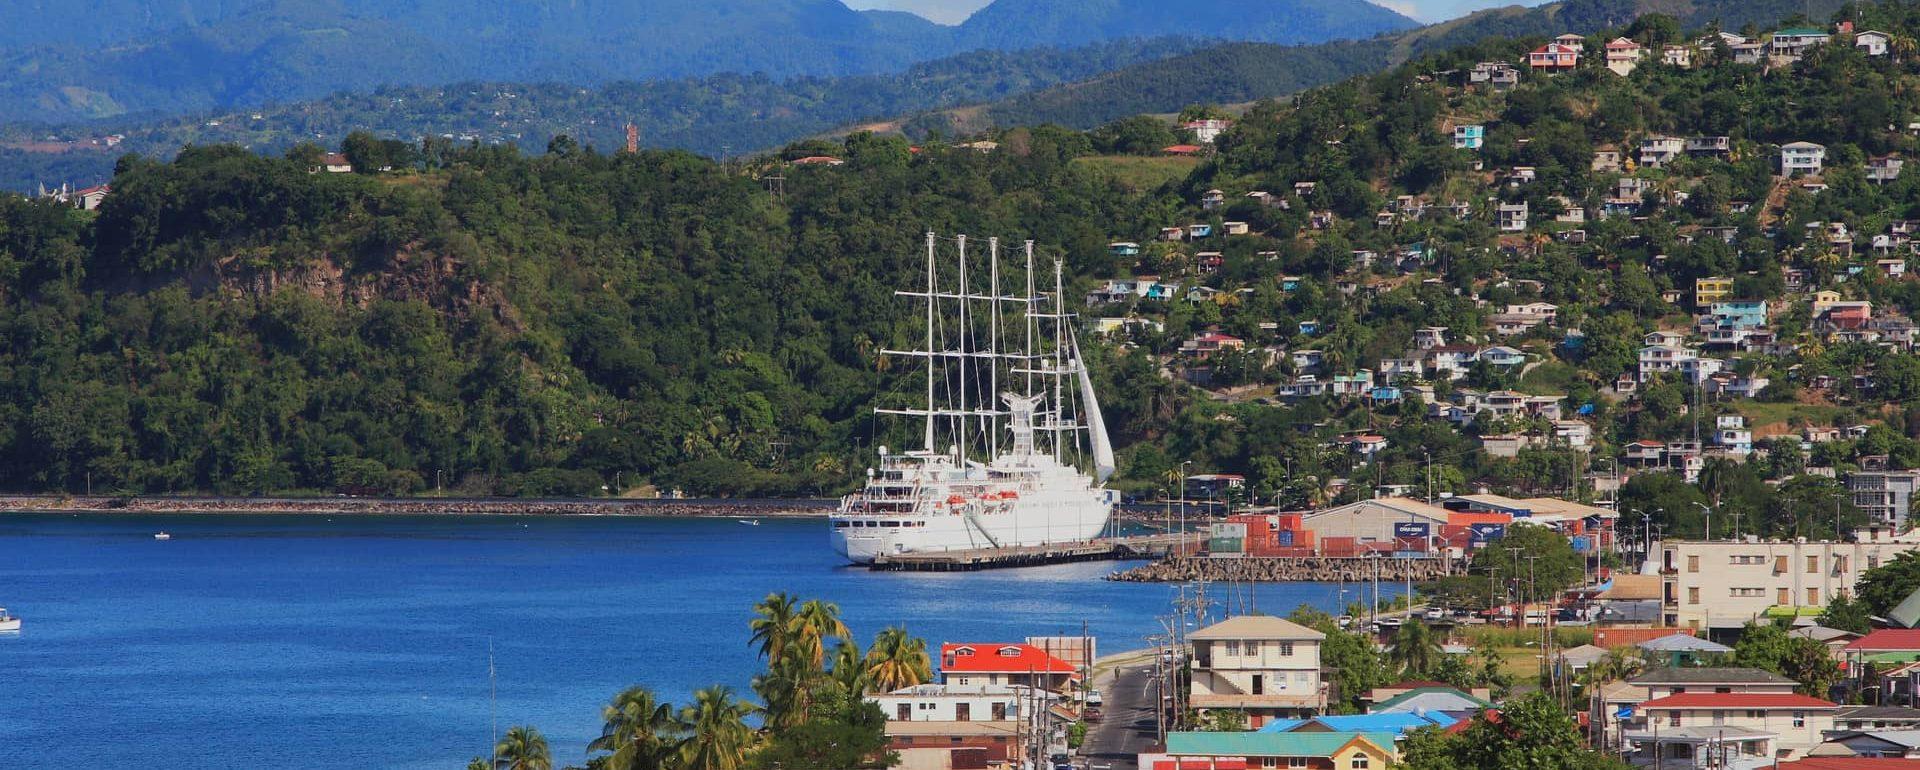 Dominica Port